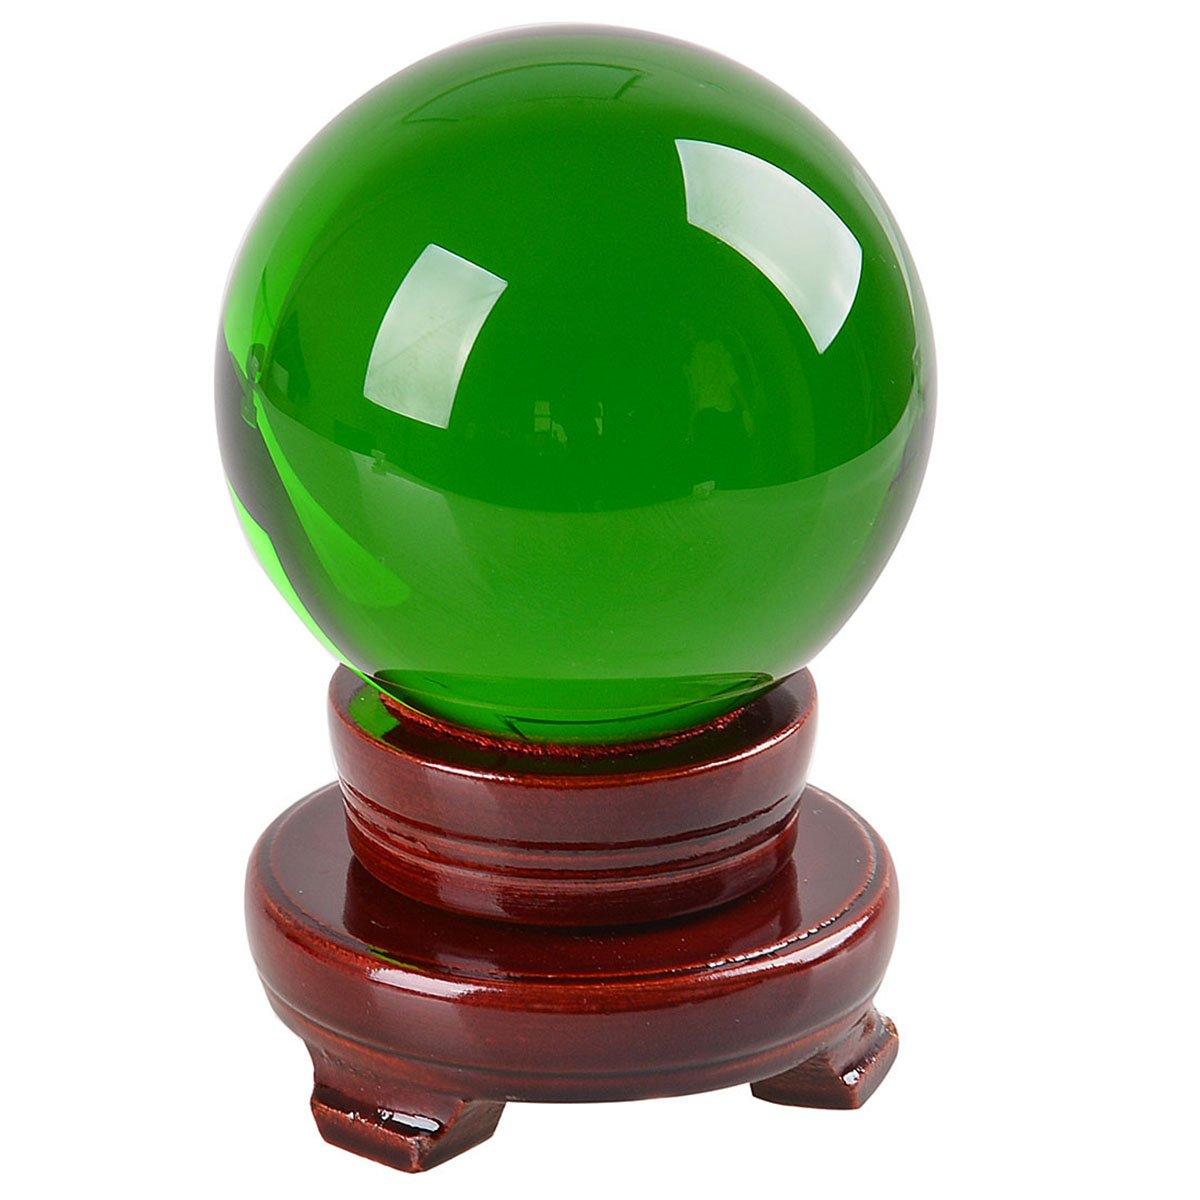 多色透明 水晶玉 150mm クリスタルボール 装飾品 【木製台ギフトボックス】 (绿色) B01MXXO9NB 绿色 绿色